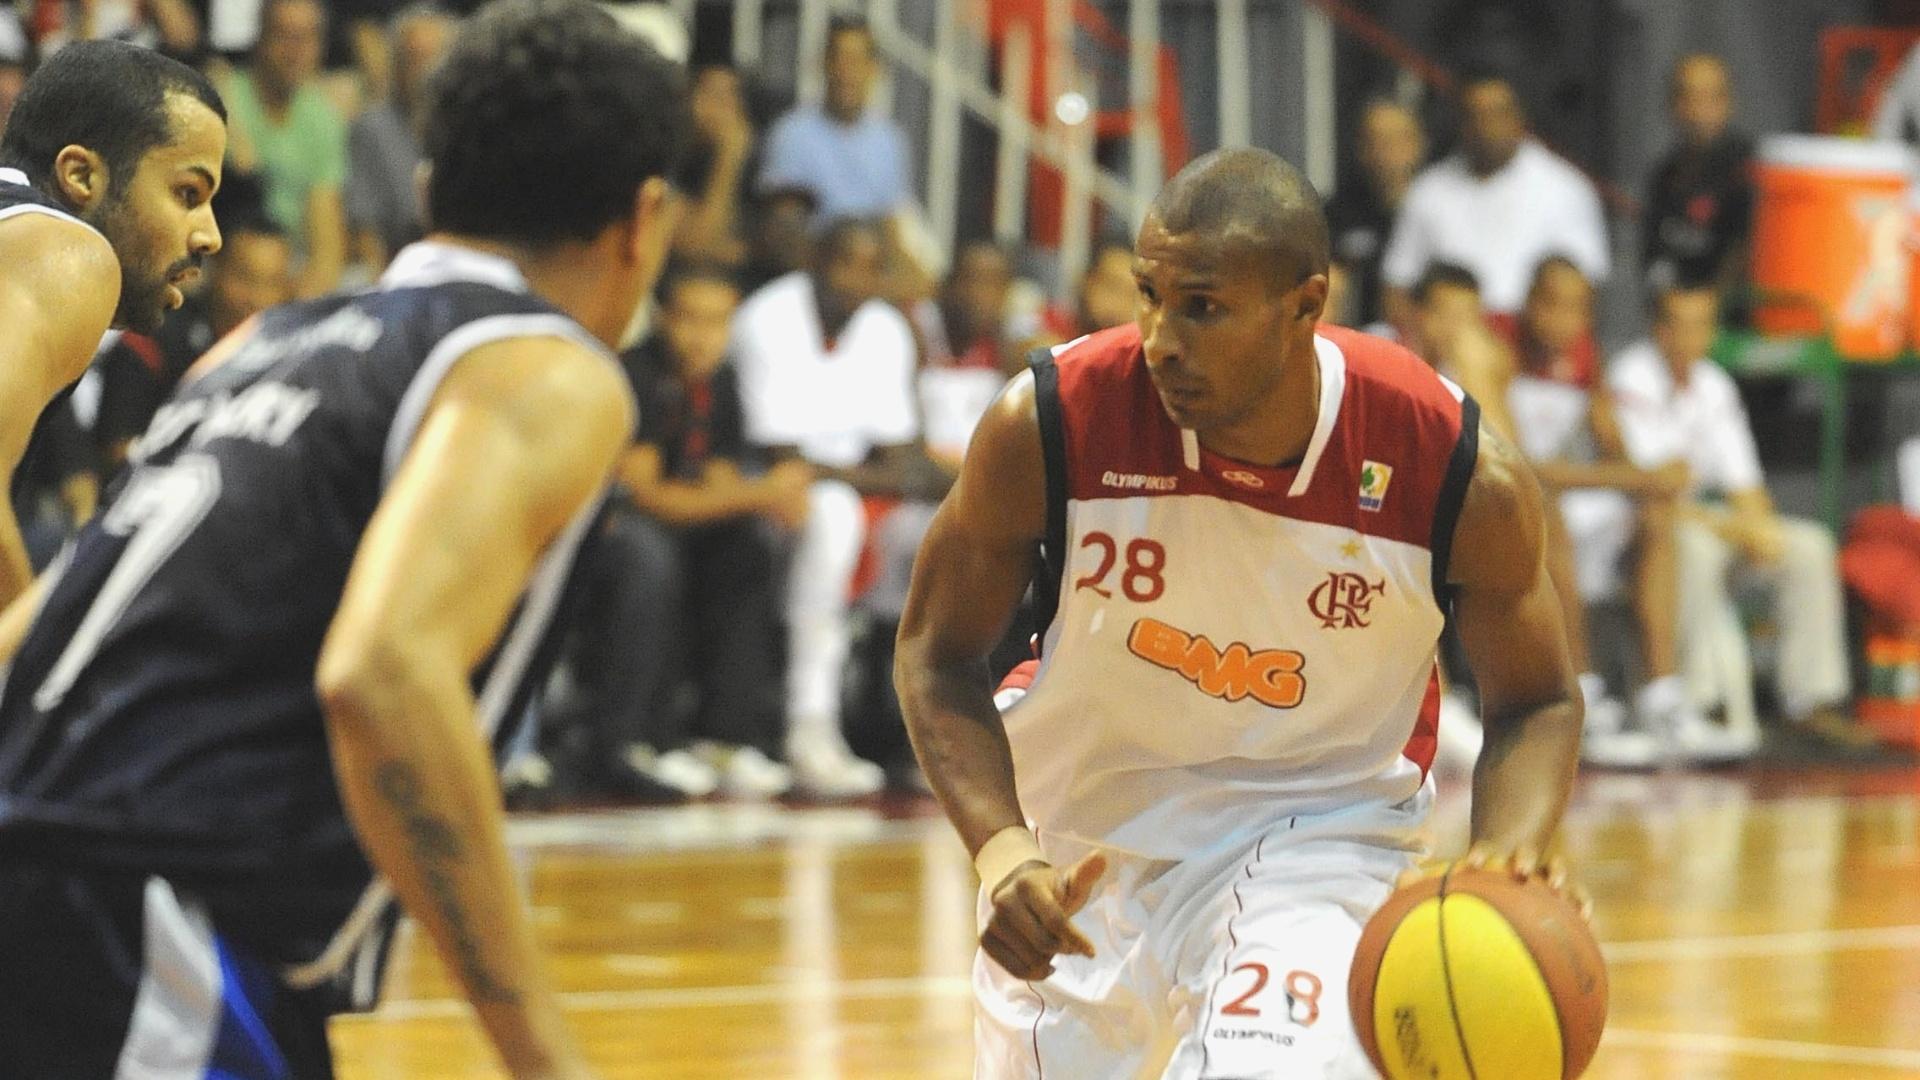 Leandrinho tenta passar pela marcação na partida entre Flamengo e Liga Sorocabana (03/12/11)